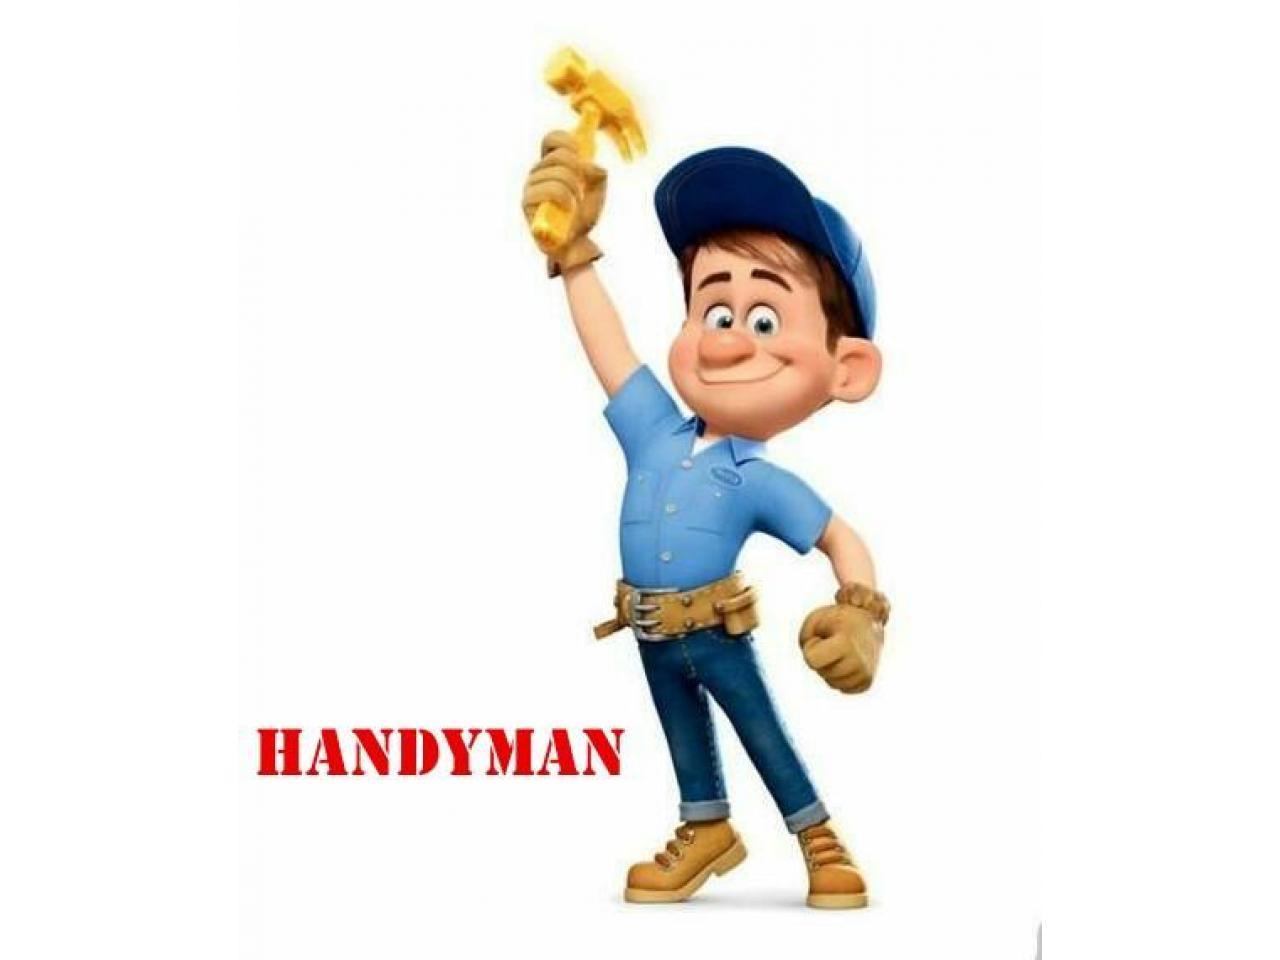 Хандимен - мультитрейдер - мастер на все руки. - 1